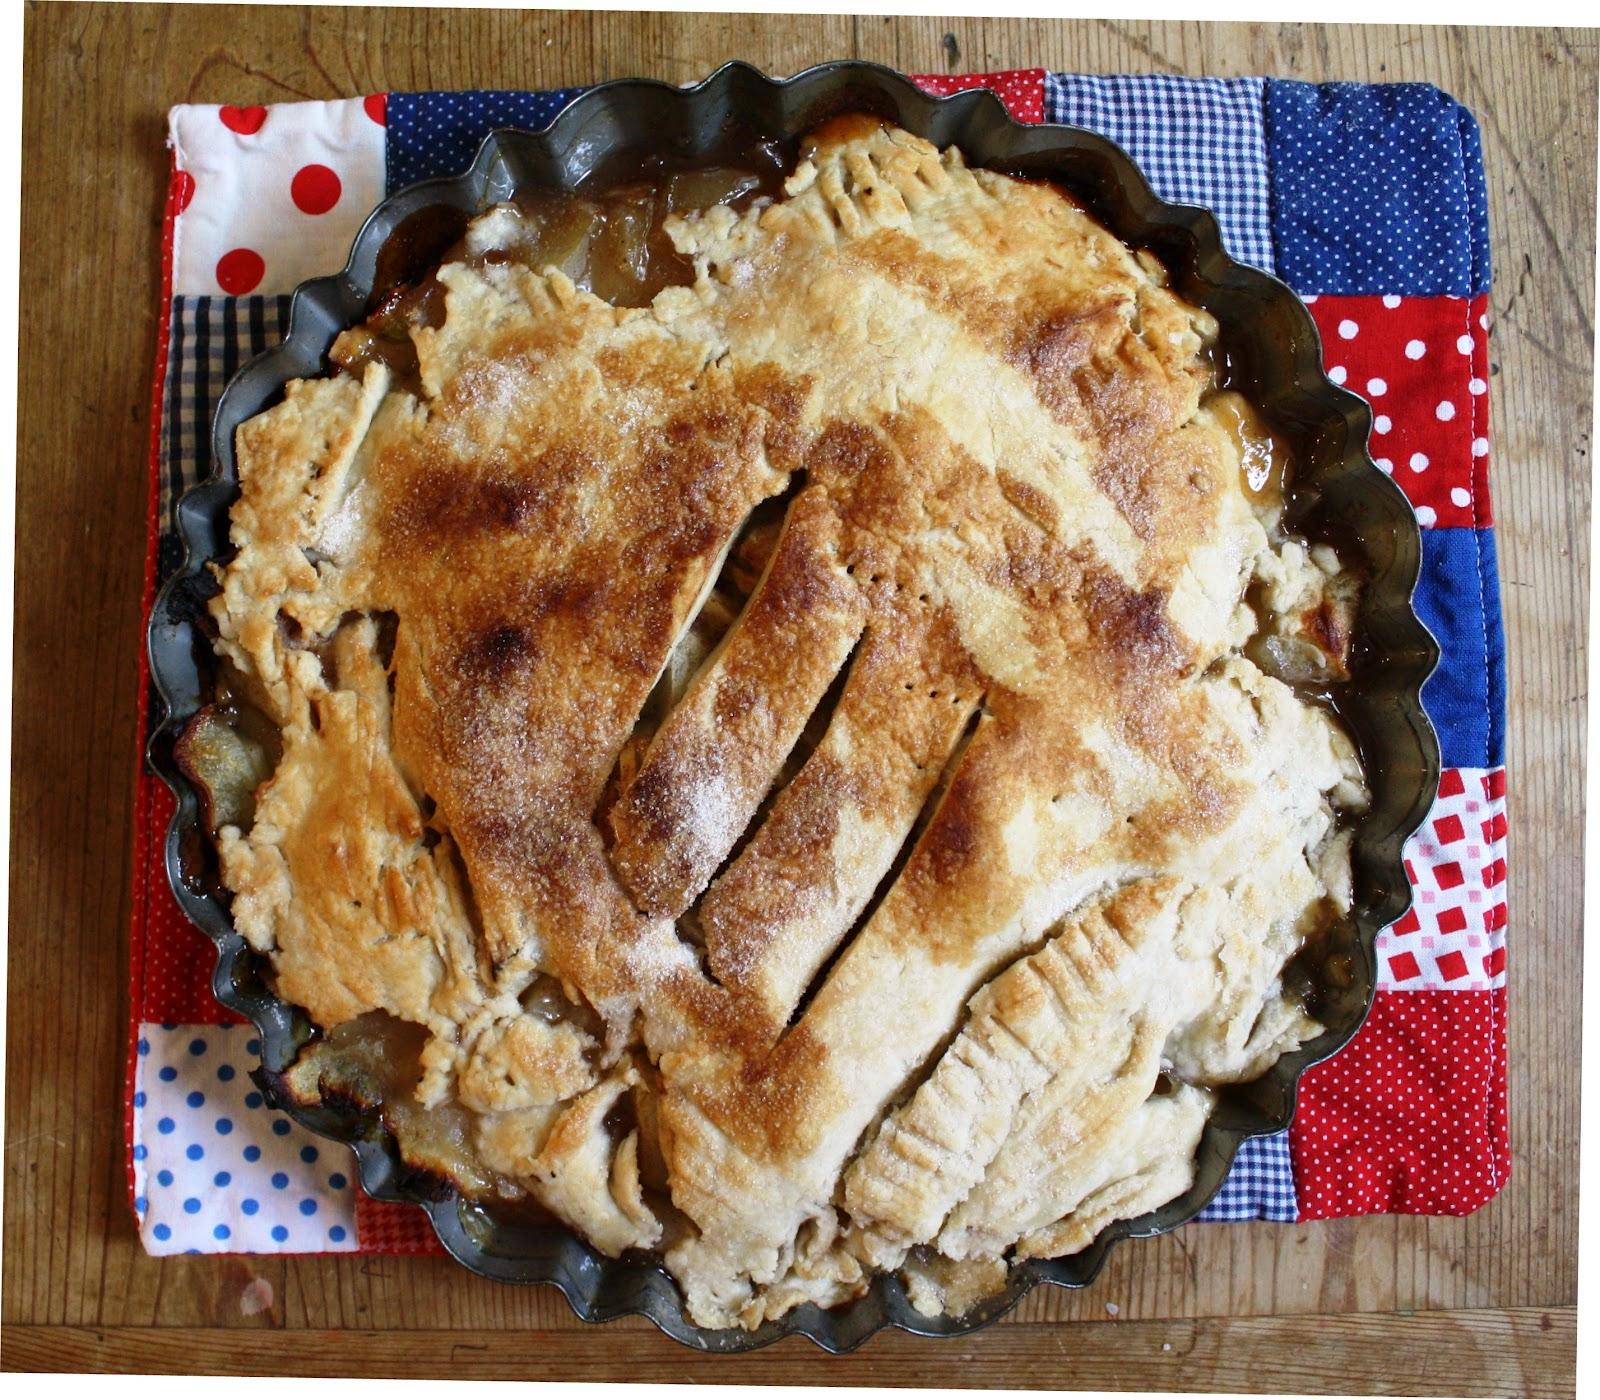 Hungryhippie Sews Homemade Apple Pie Recipe